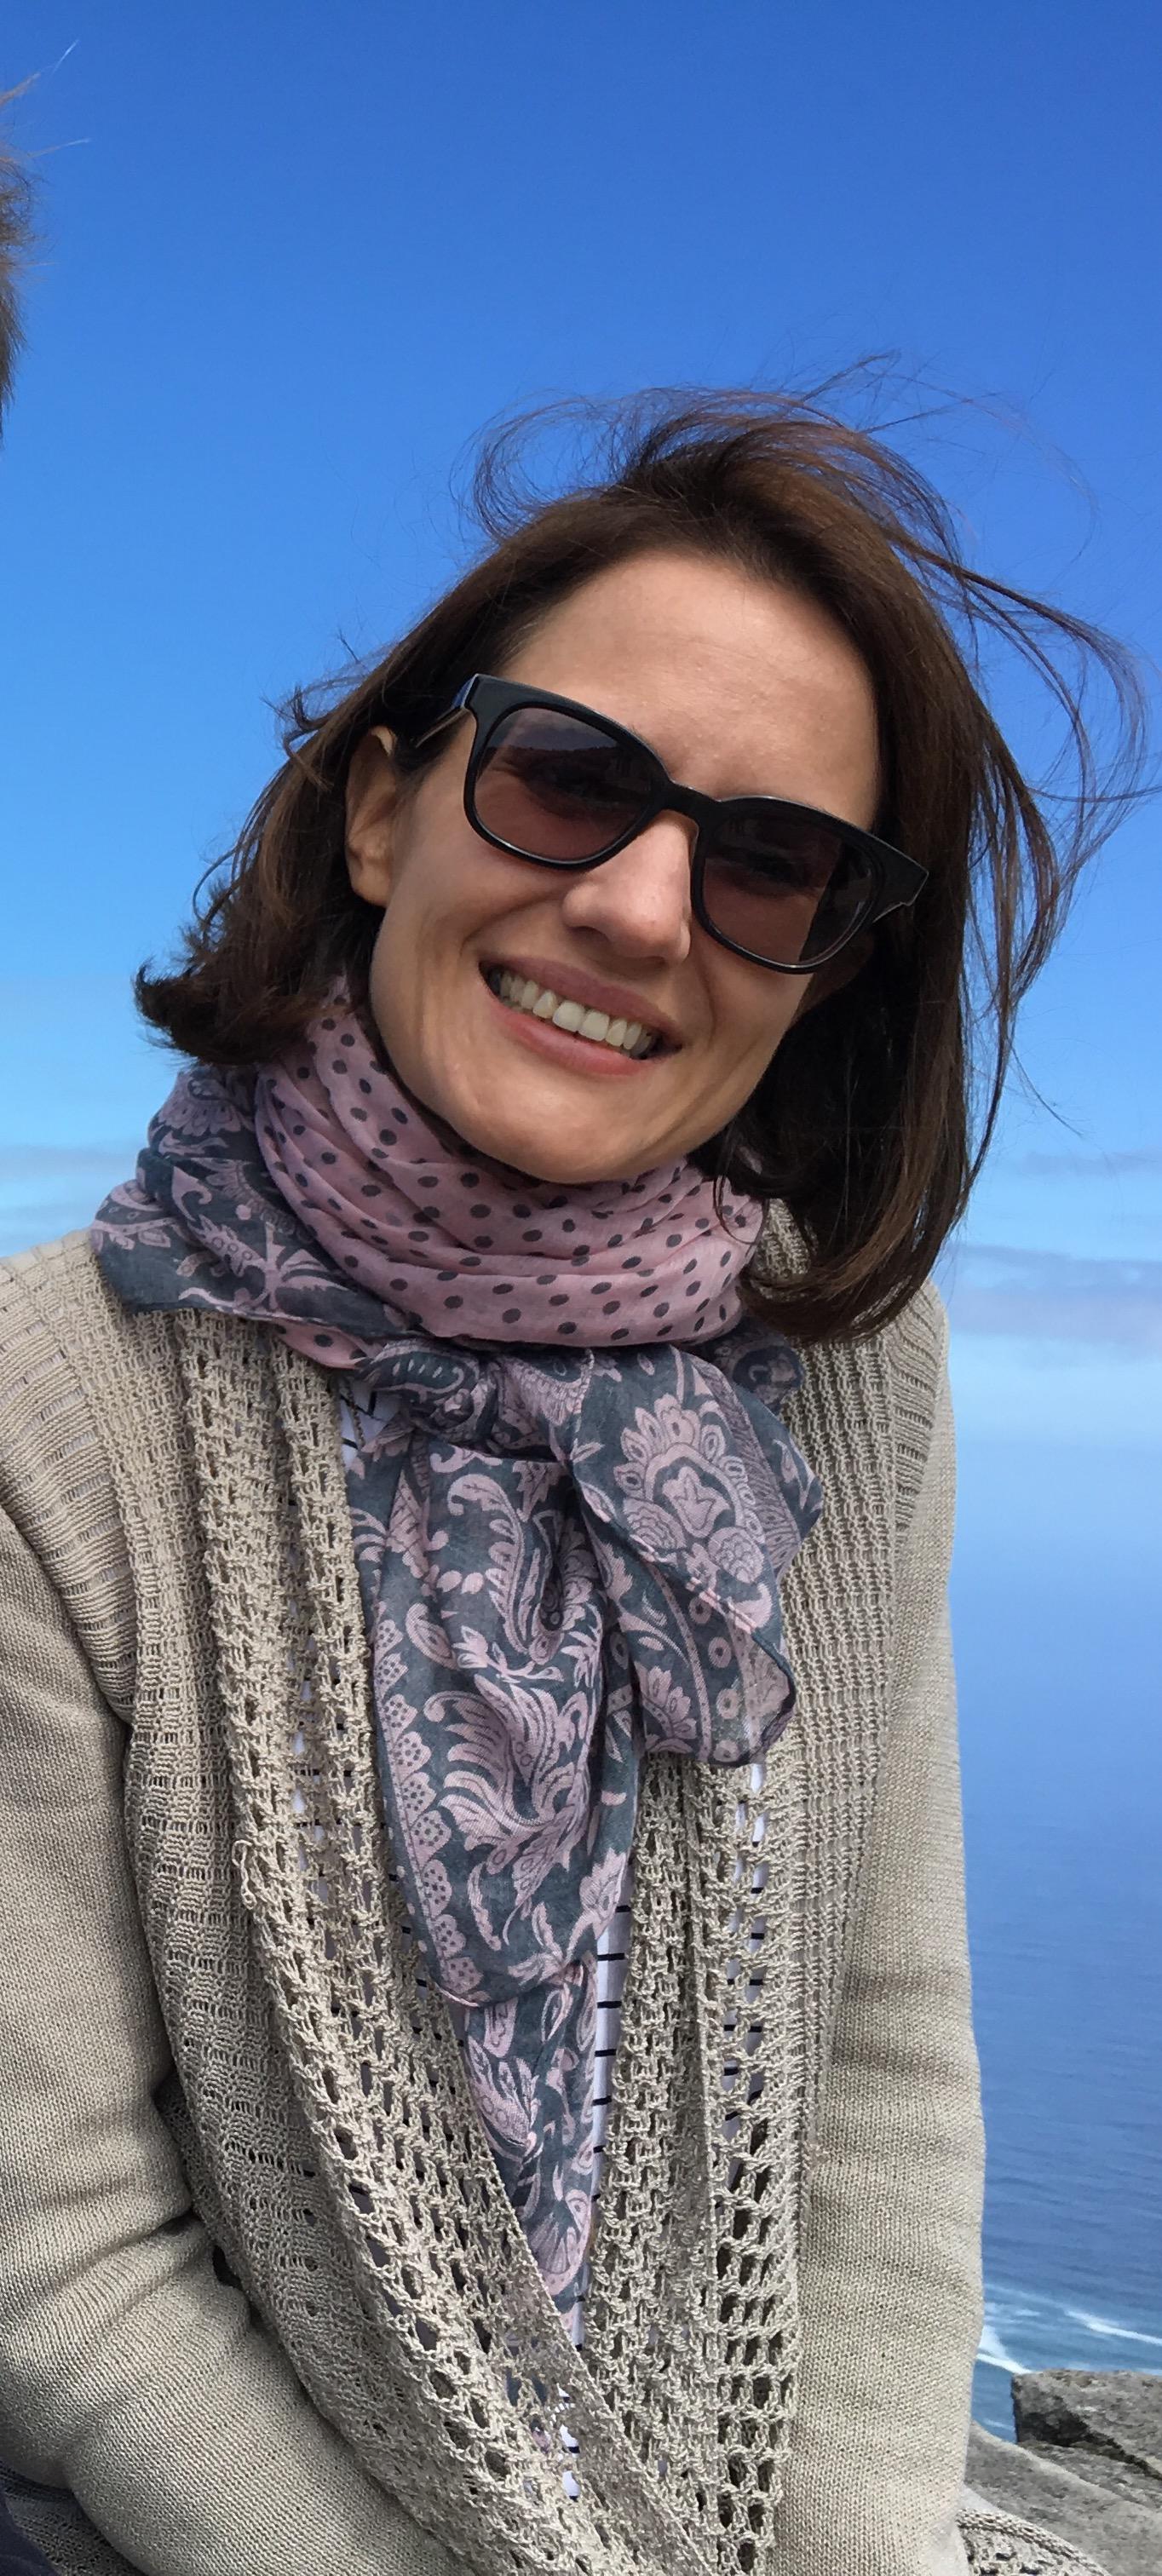 Aurélie Afrique du Sud